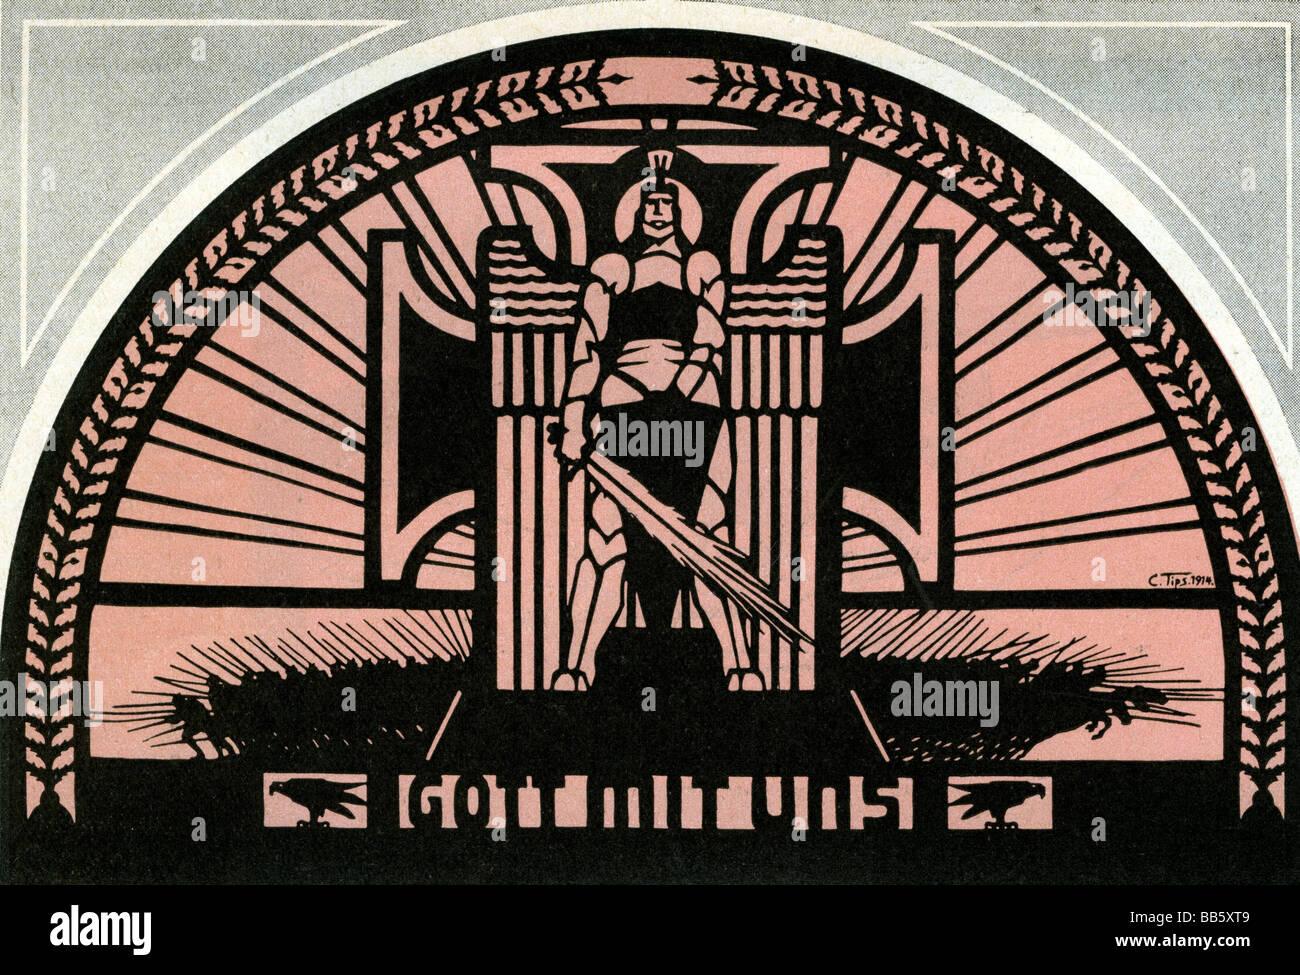 """Eventi, Prima Guerra Mondiale / WWI, propaganda """"Gott mit uns' (Dio con noi), dopo una silhouette di Carlos Immagini Stock"""